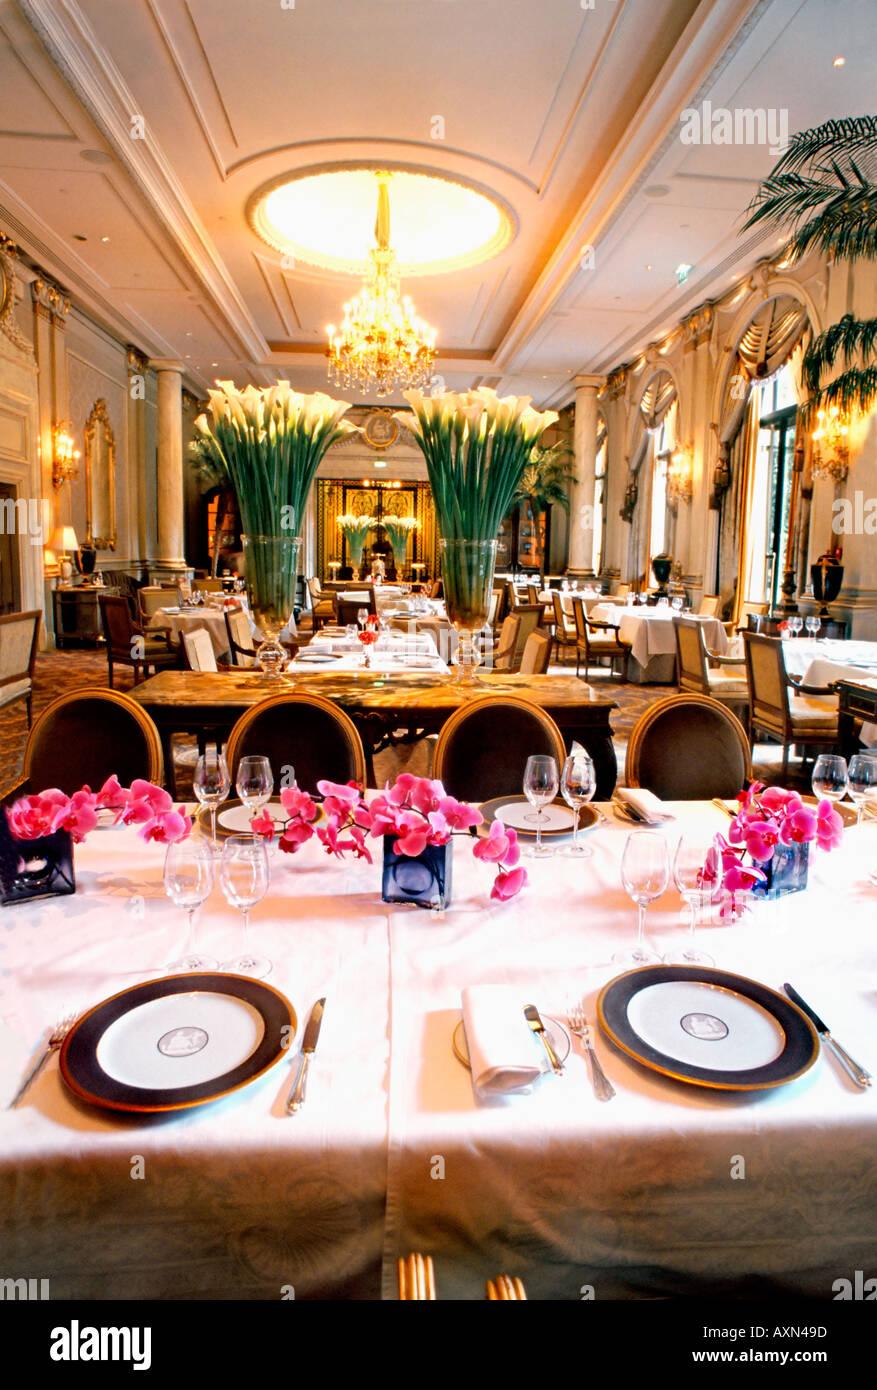 France paris french restaurant le v le cinq haute cuisine hotel stock photo royalty free - Restaurant cuisine francaise paris ...